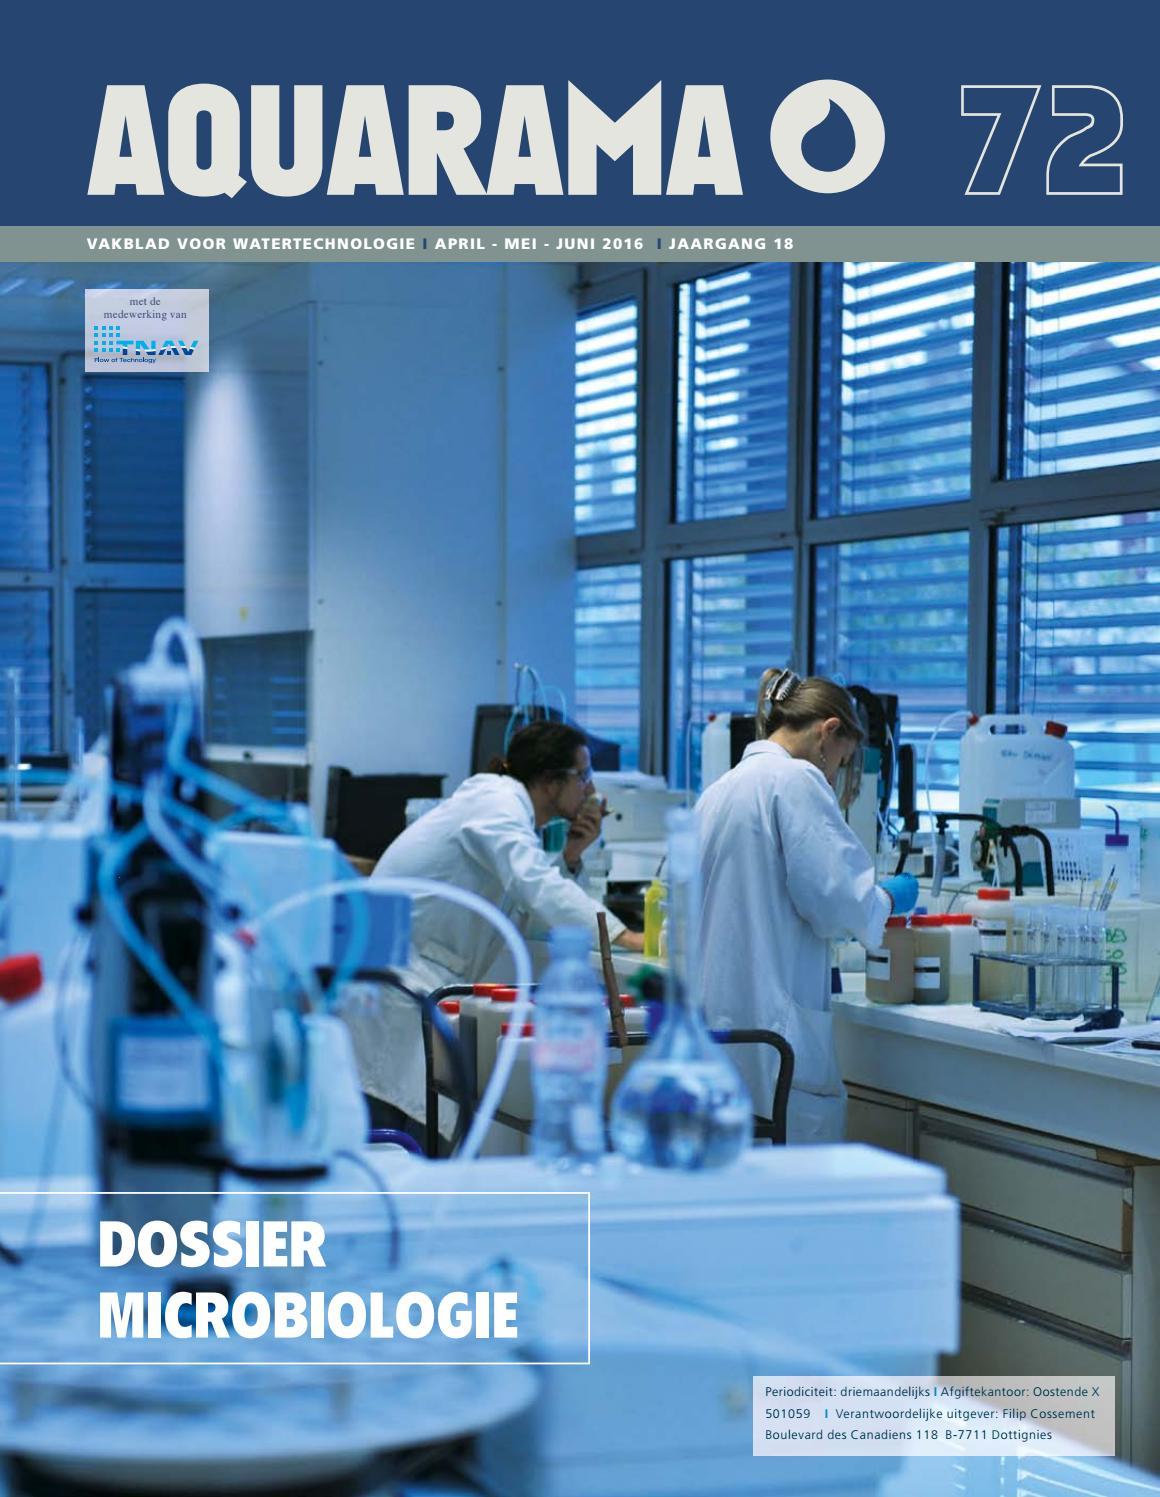 Aquarama 63 nl by aquaramamagazine   issuu